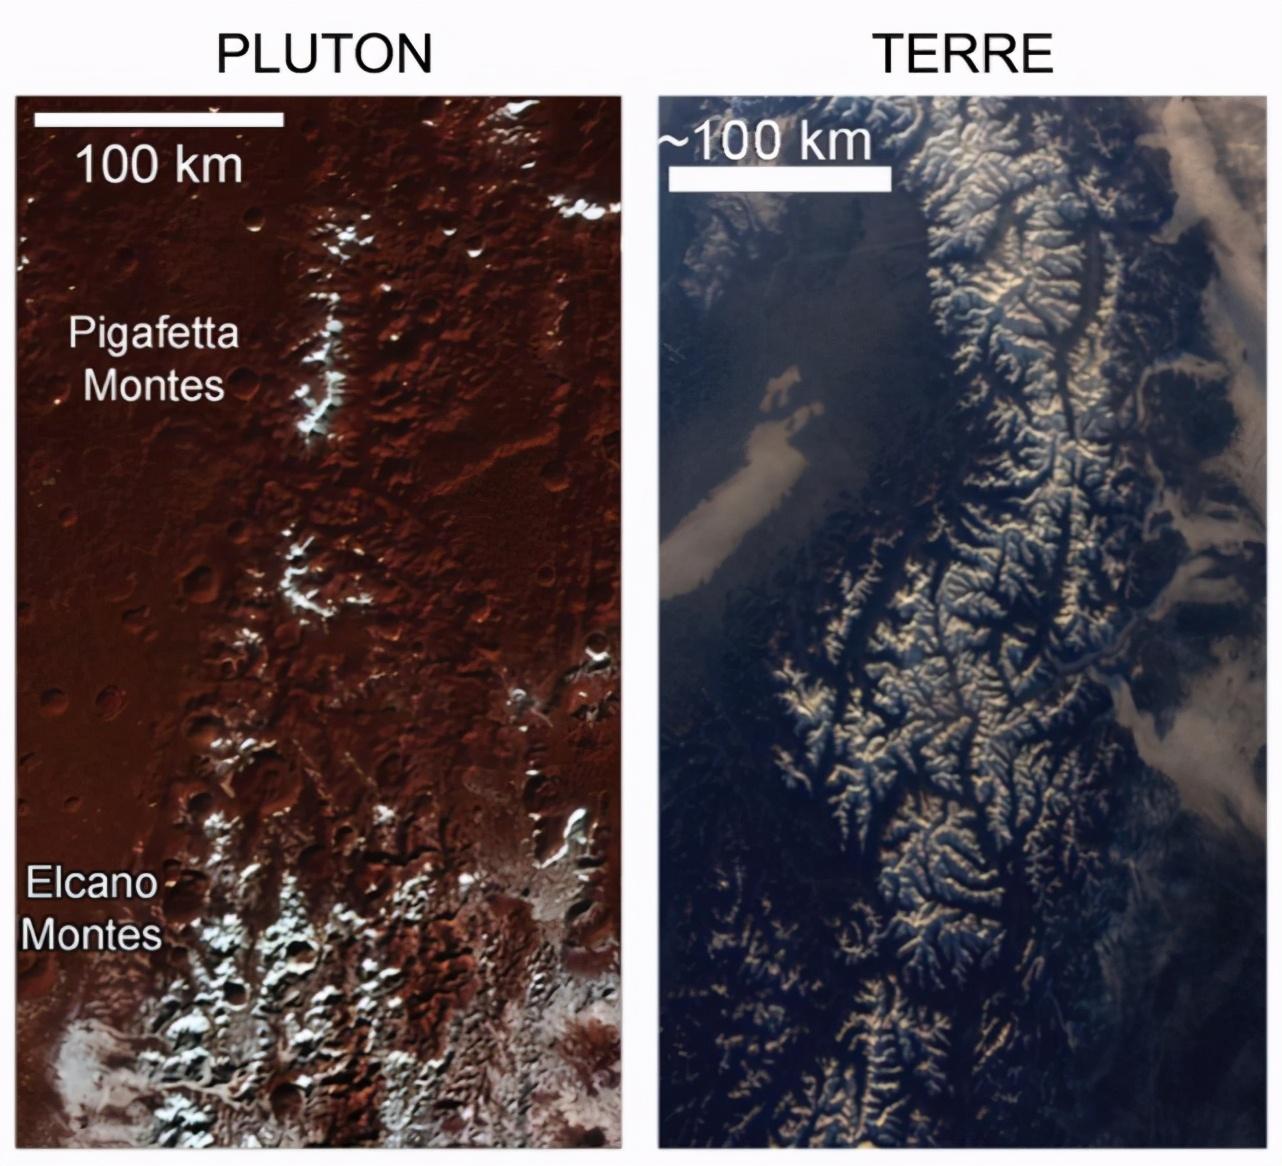 冥王星有着白雪覆盖的山峰,但这是为什么?